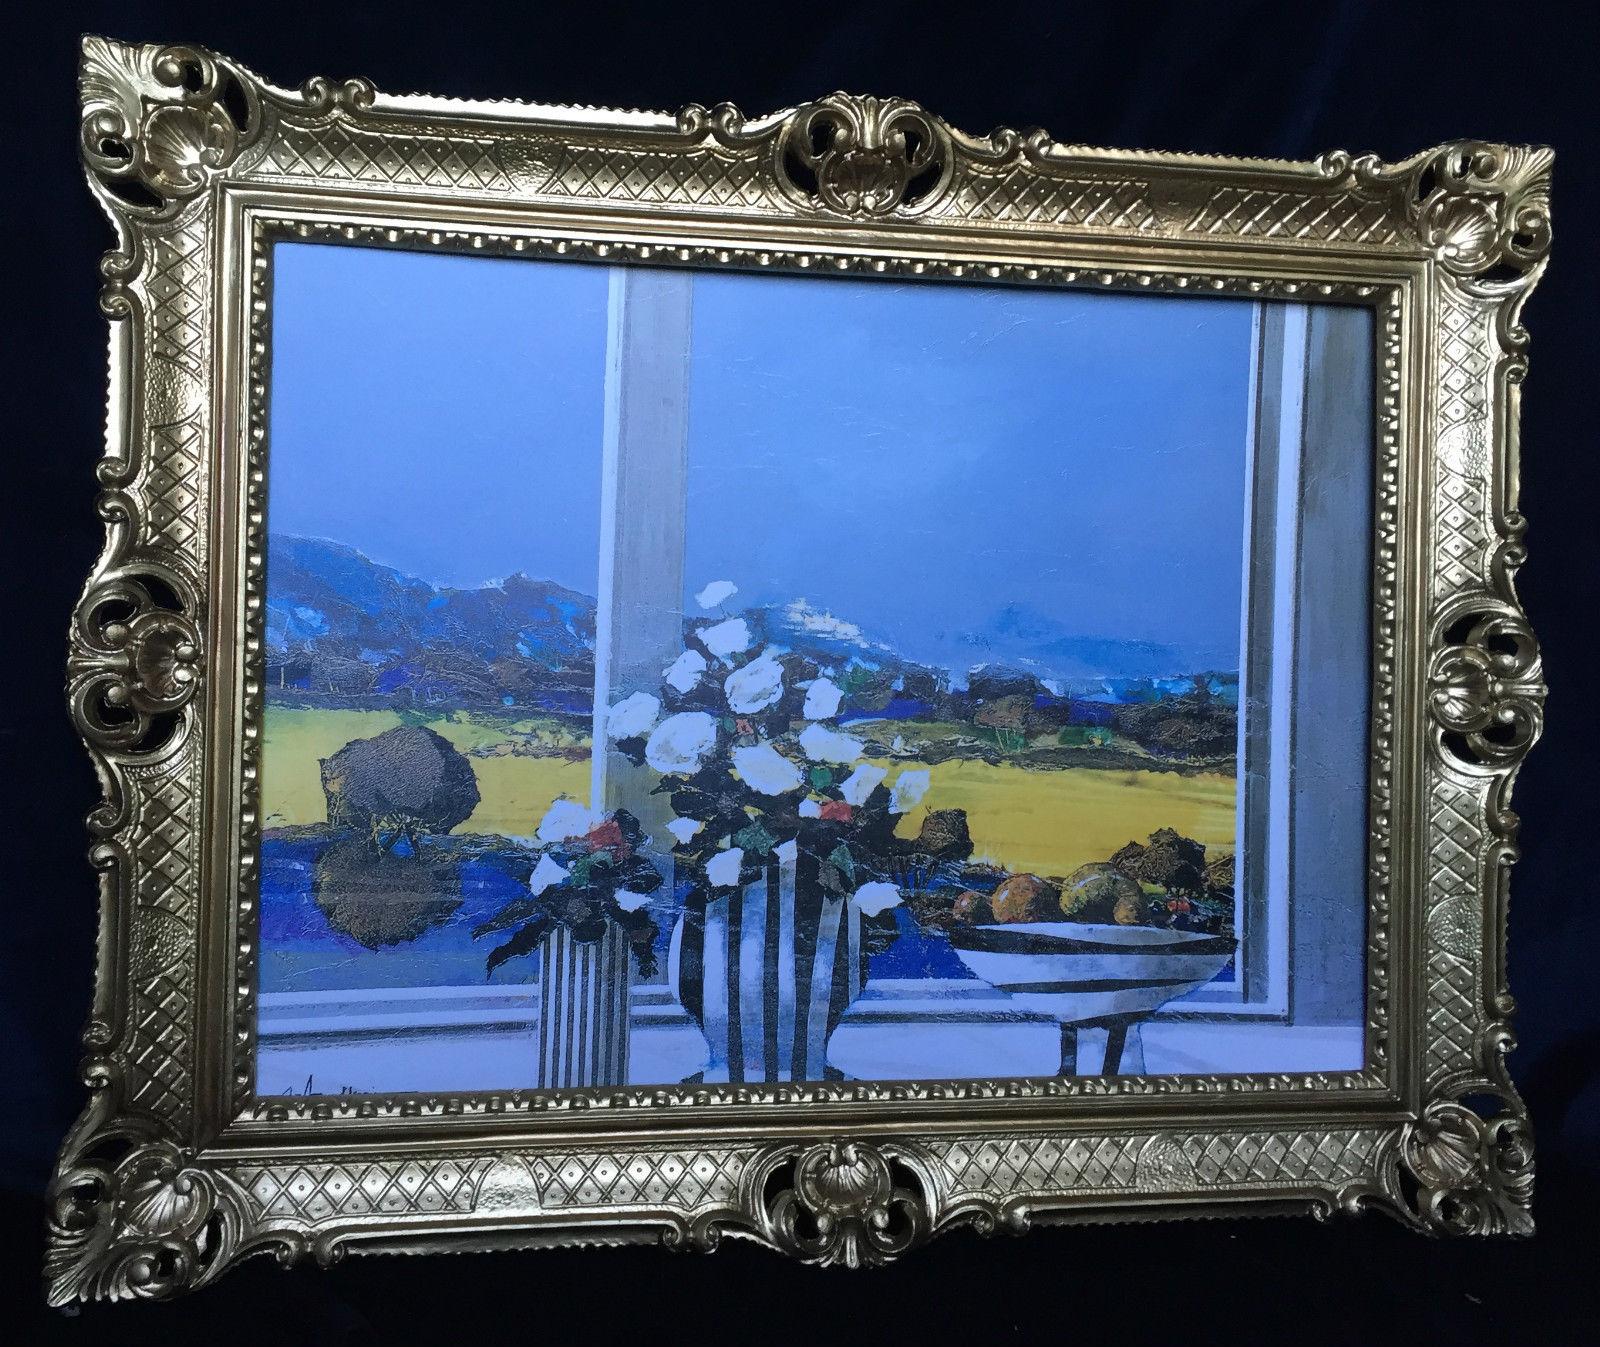 Gemälde Landschaftsbild 90x70 Blumen Bild gerahmte Gemälde B16 ...